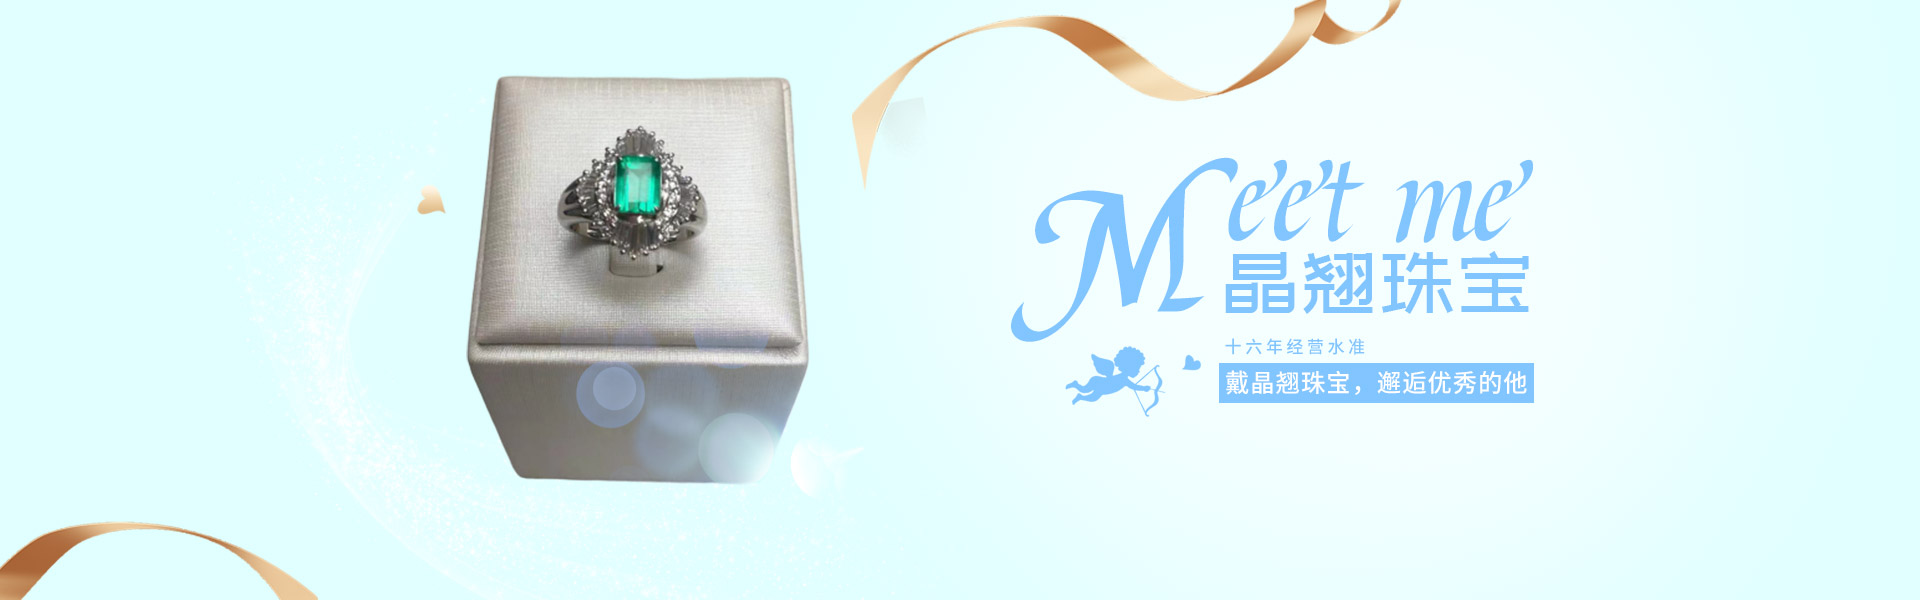 上海晶翘珠宝有限公司